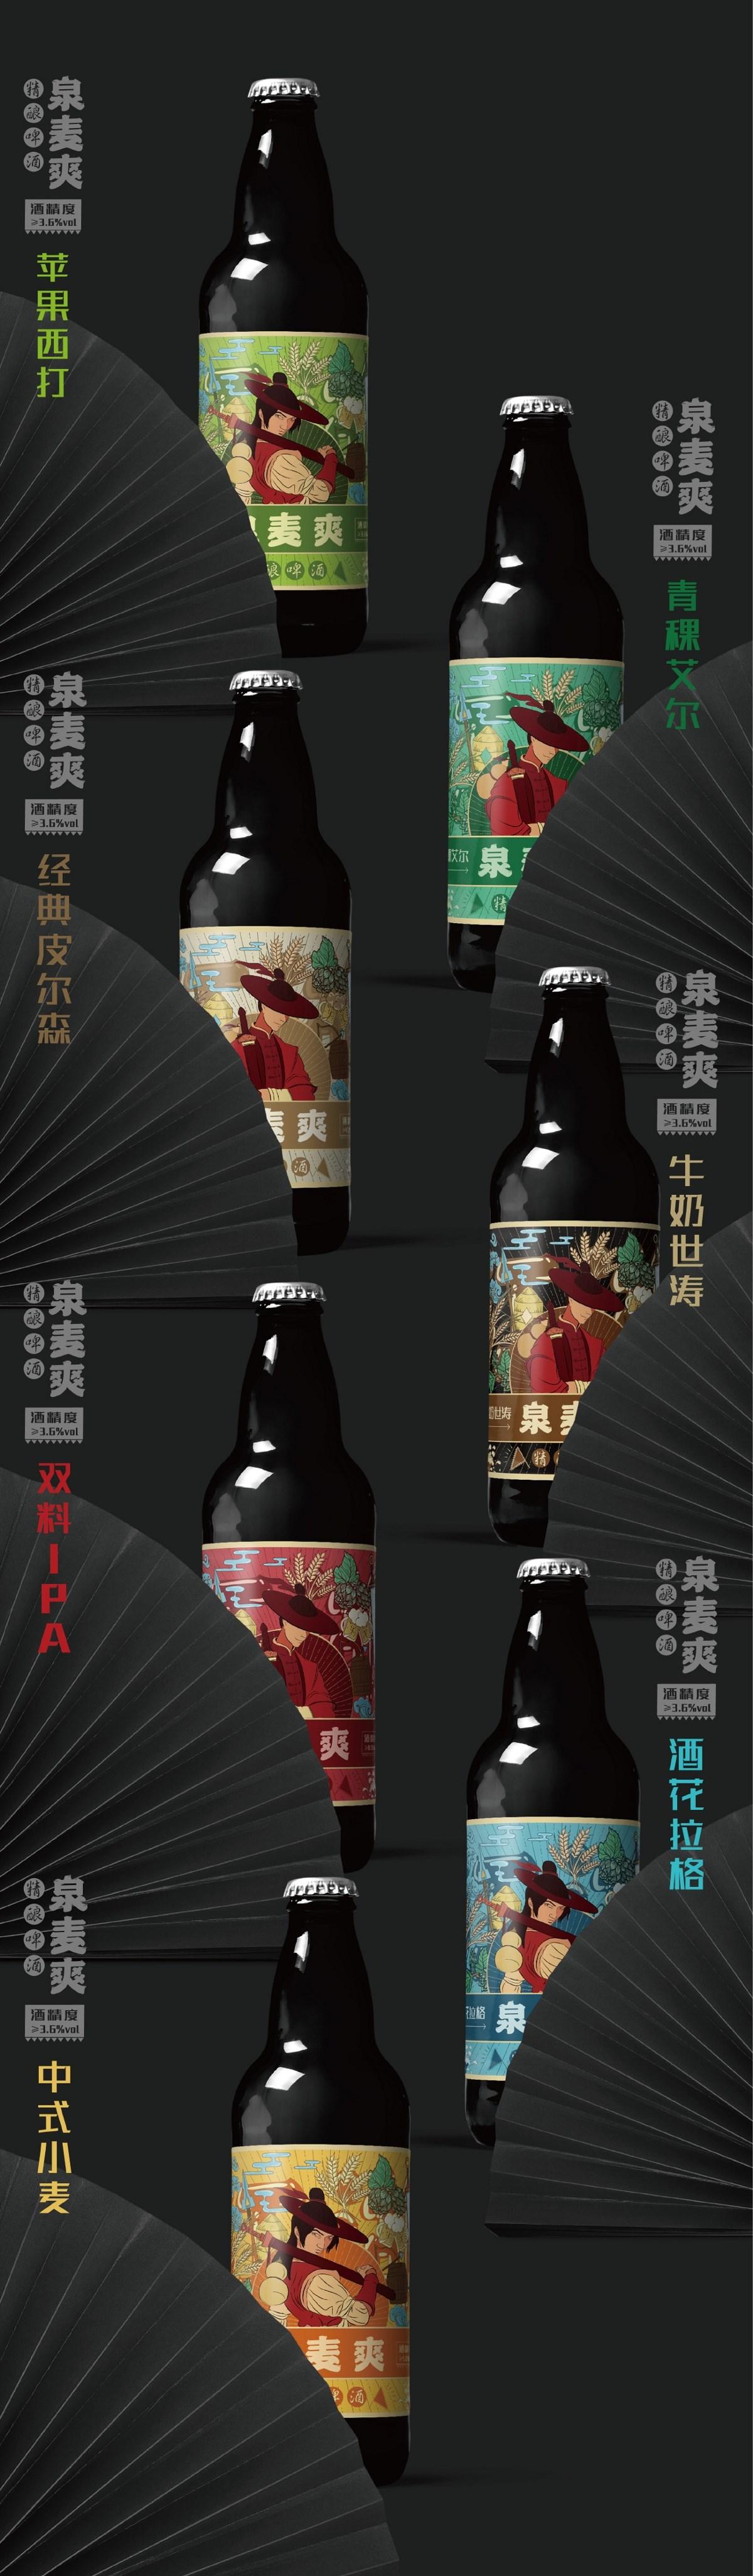 """""""笑傲浆壶""""啤酒瓶装&罐装设计"""